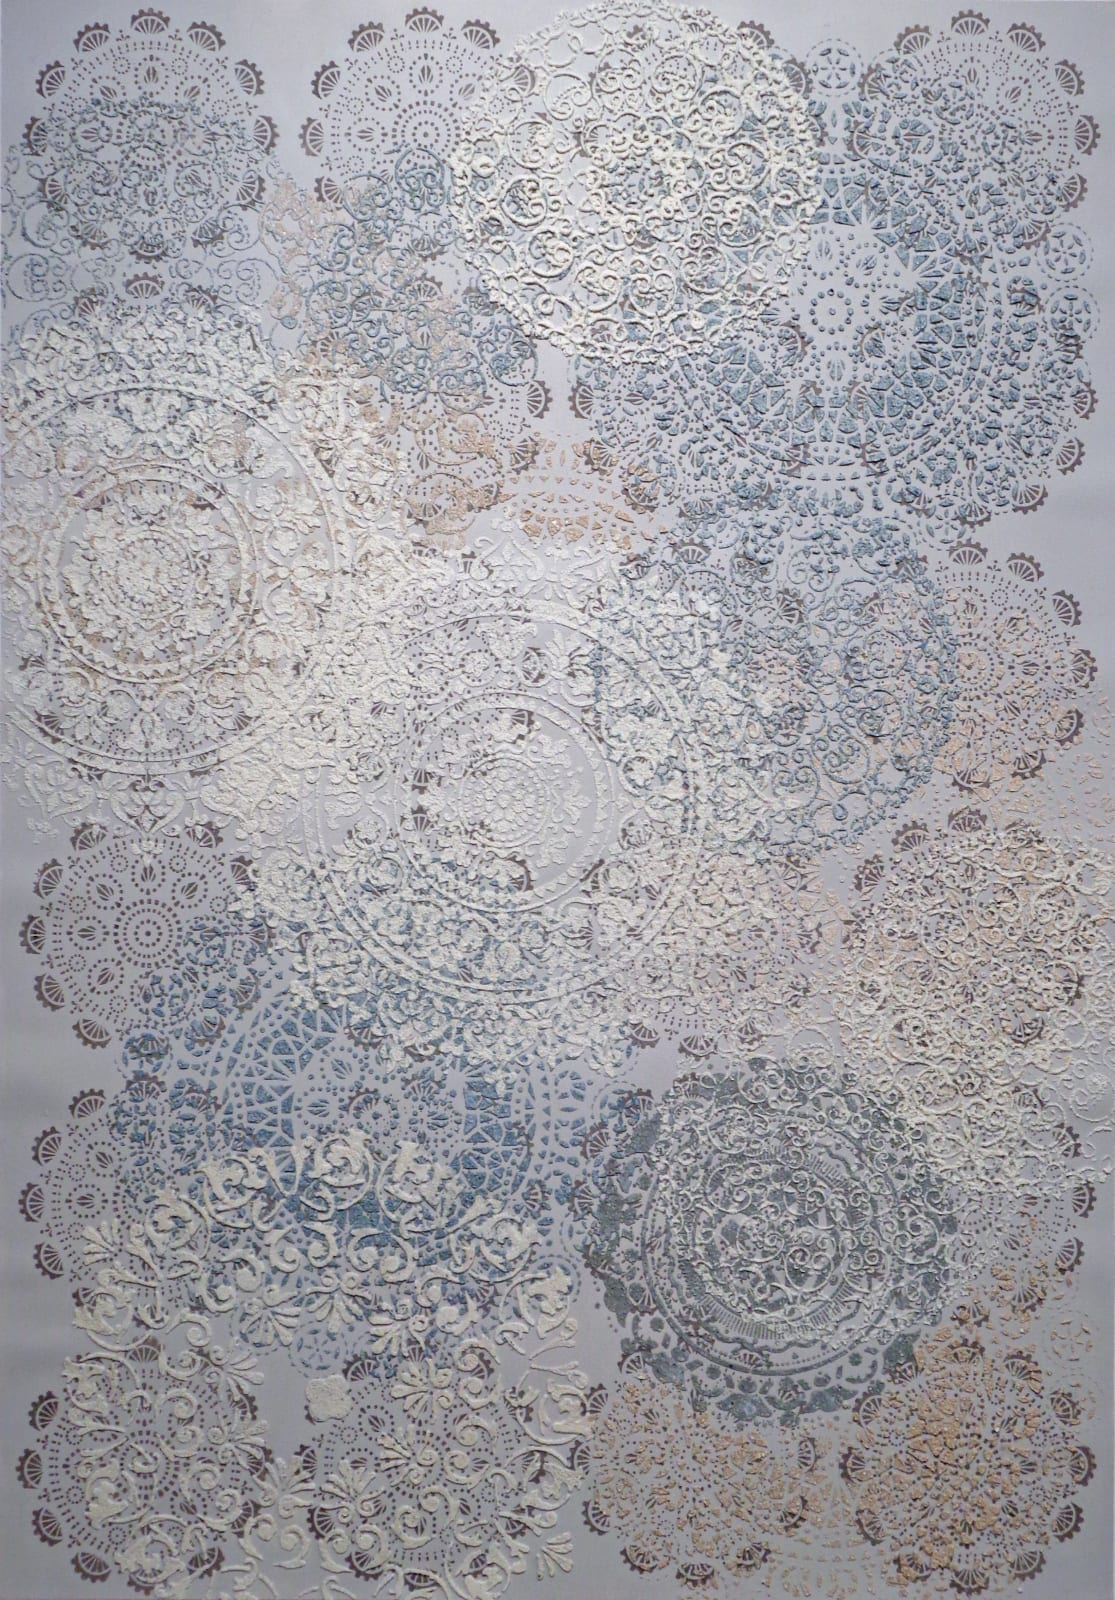 Eleanor White Mandala Abstraction, 2018